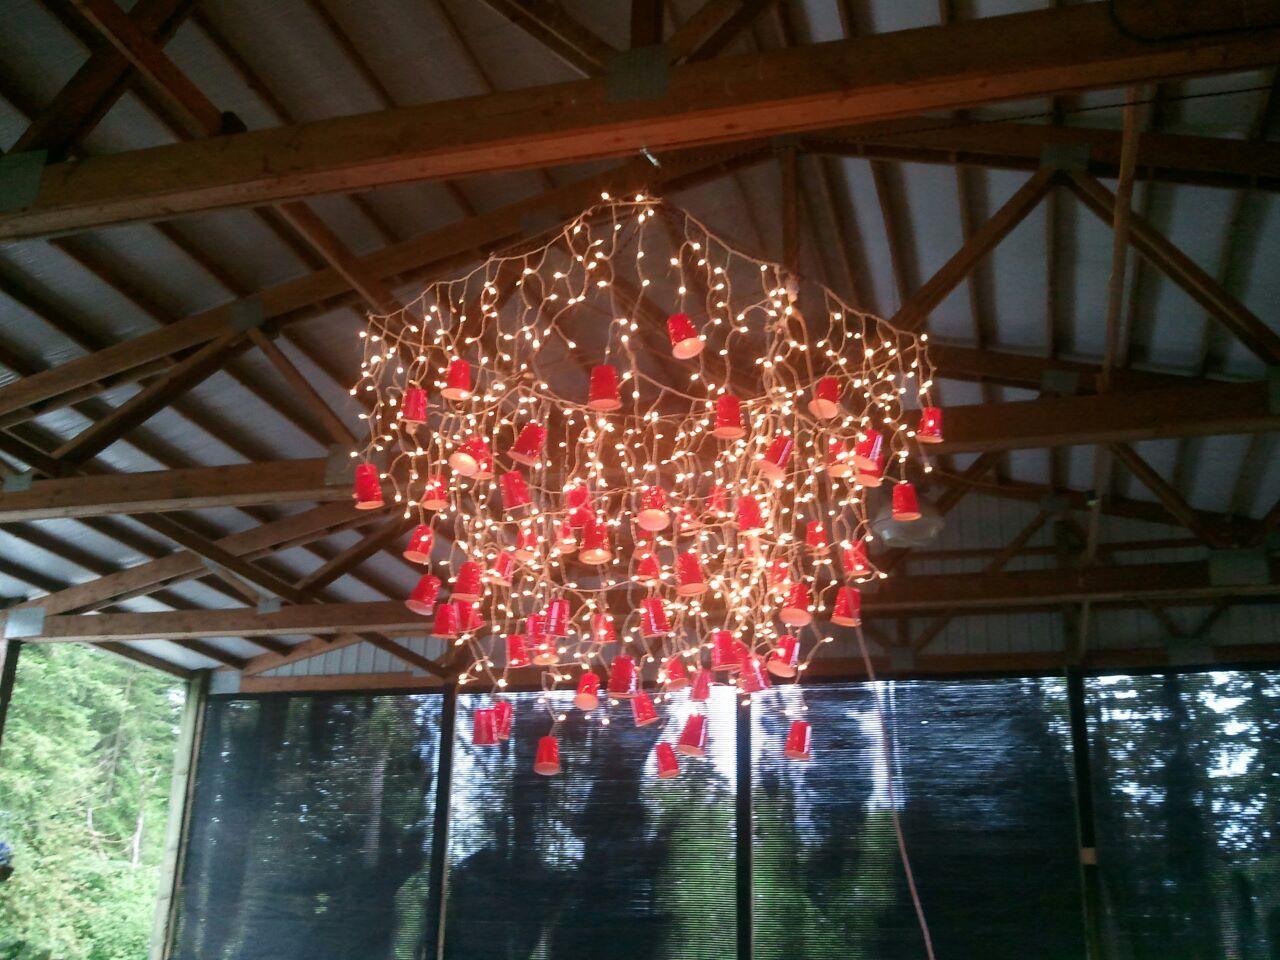 solo cup diy light fixture outdoor parties pinterest